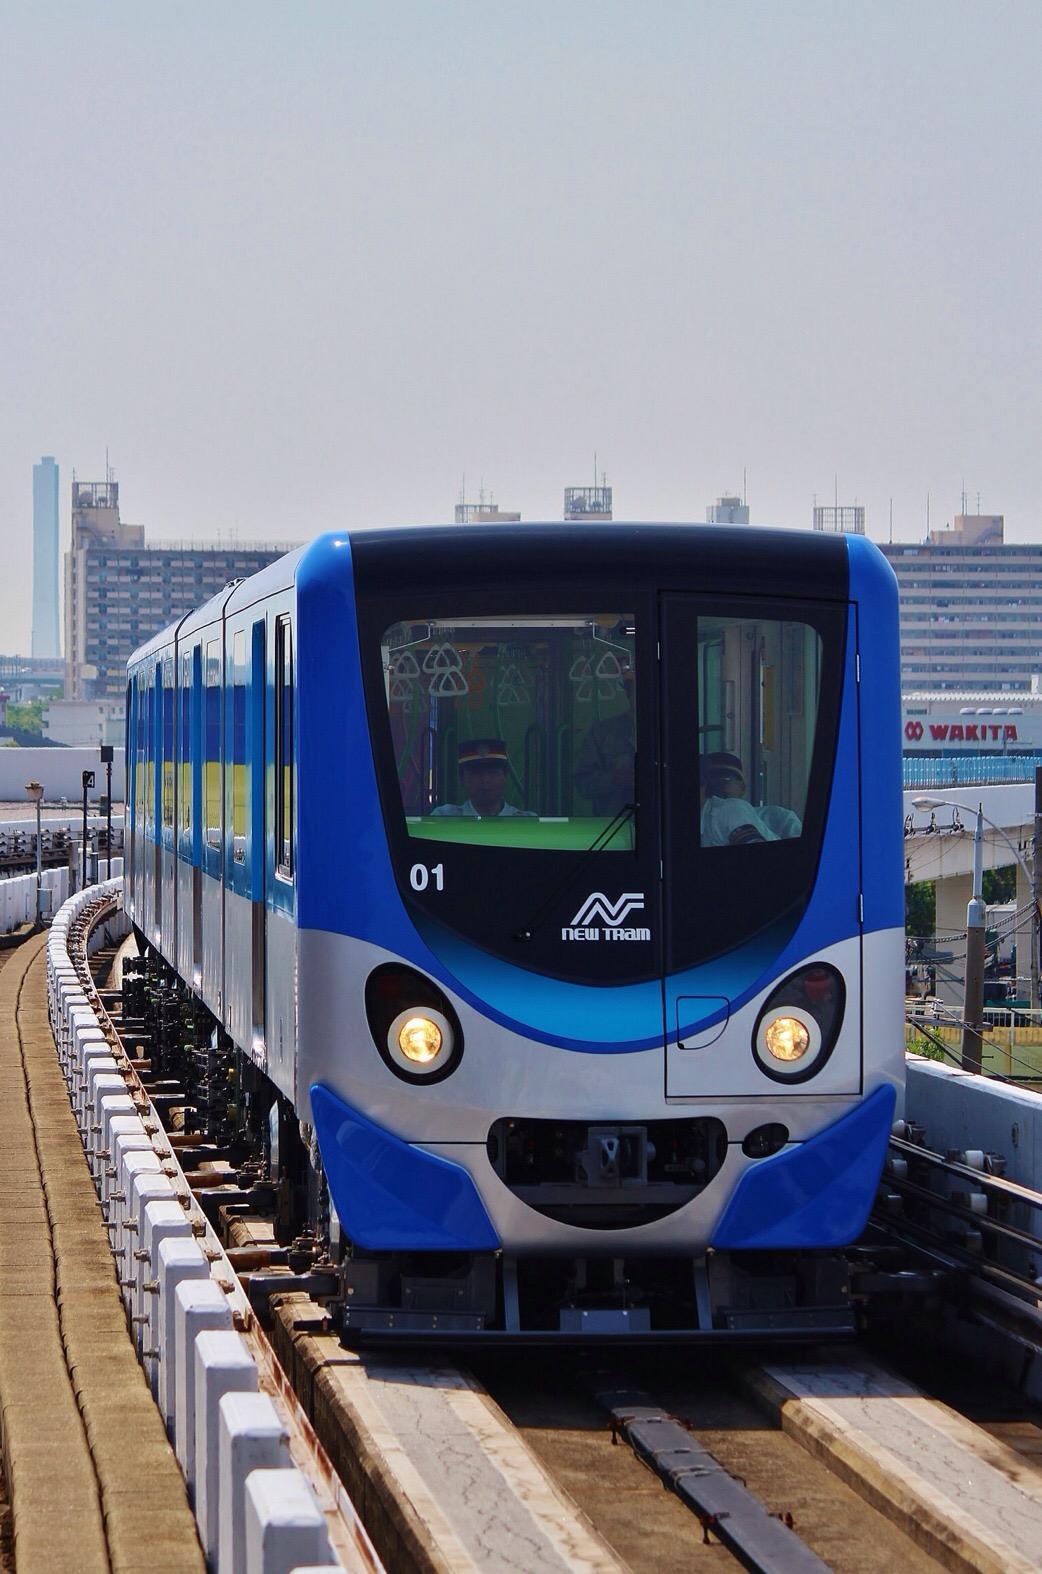 【速報】ニュートラム200系200-01Fが試運転!